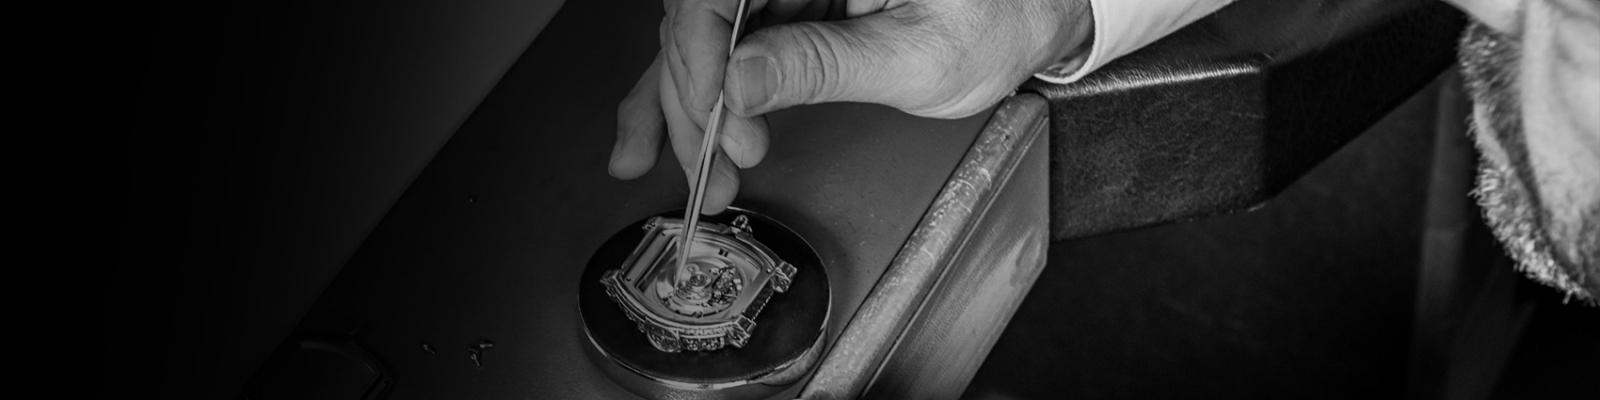 1 Uhrmacherhandwerk